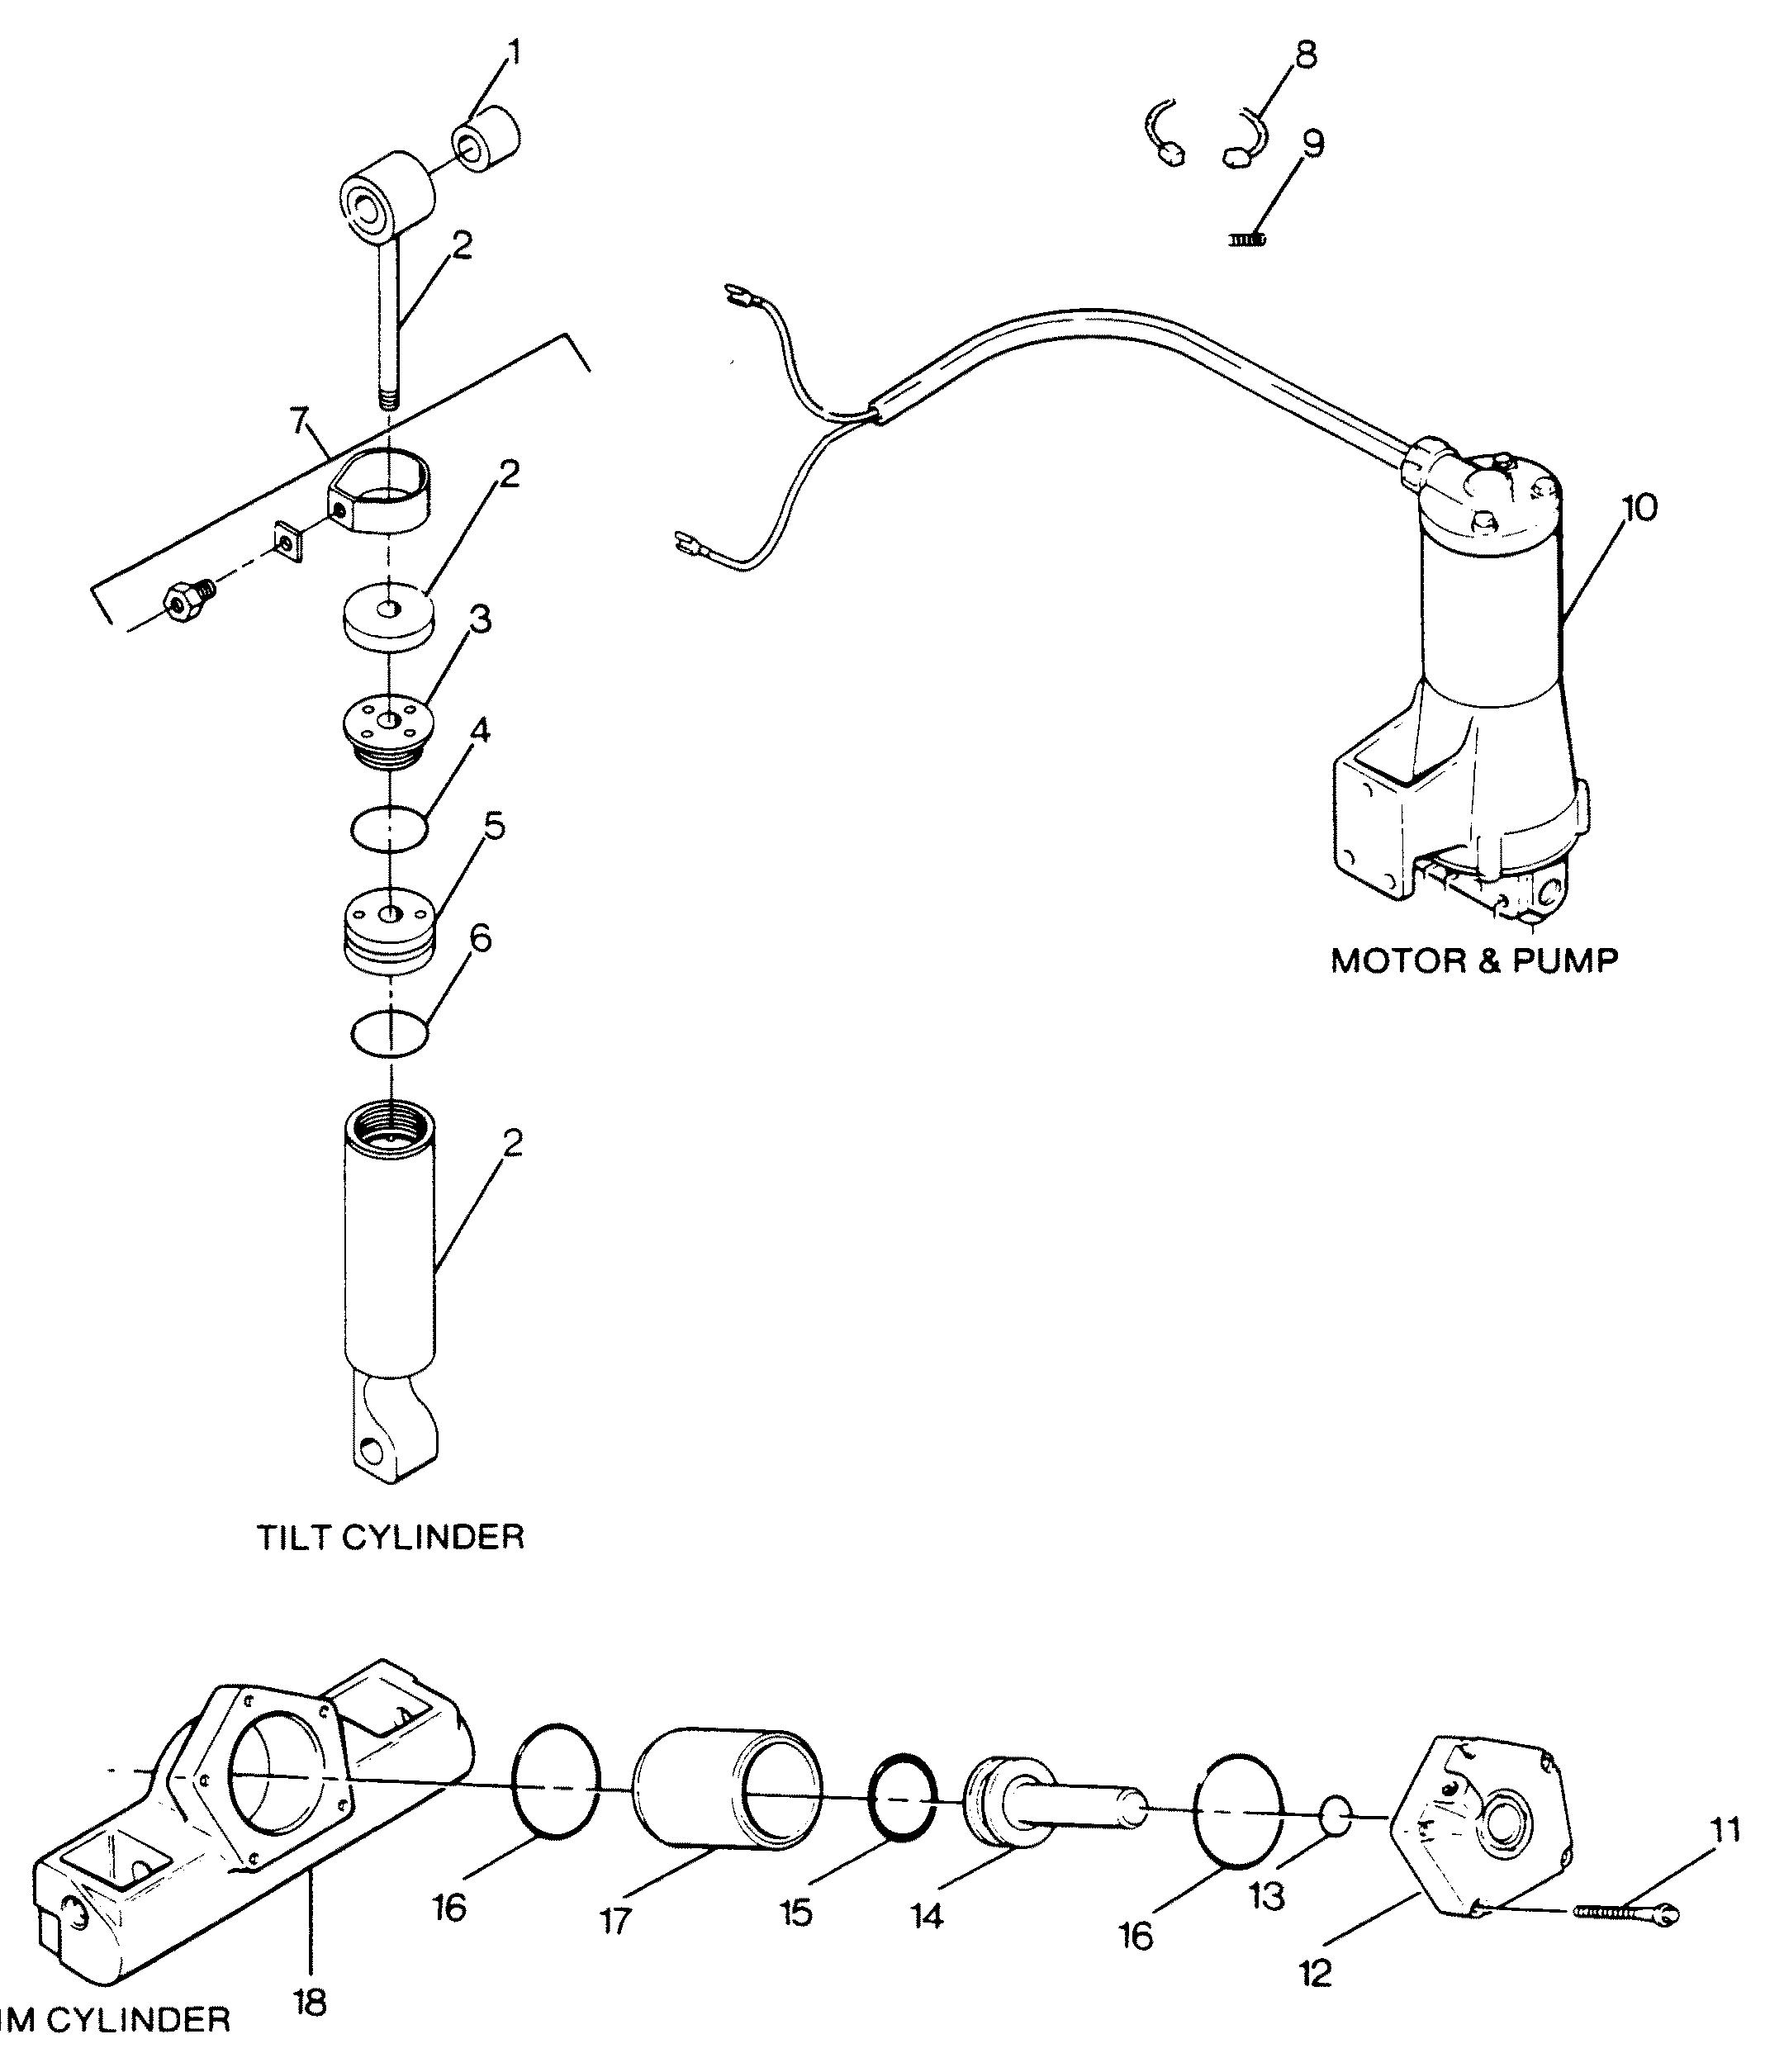 Outboard Motor Parts Breakdown